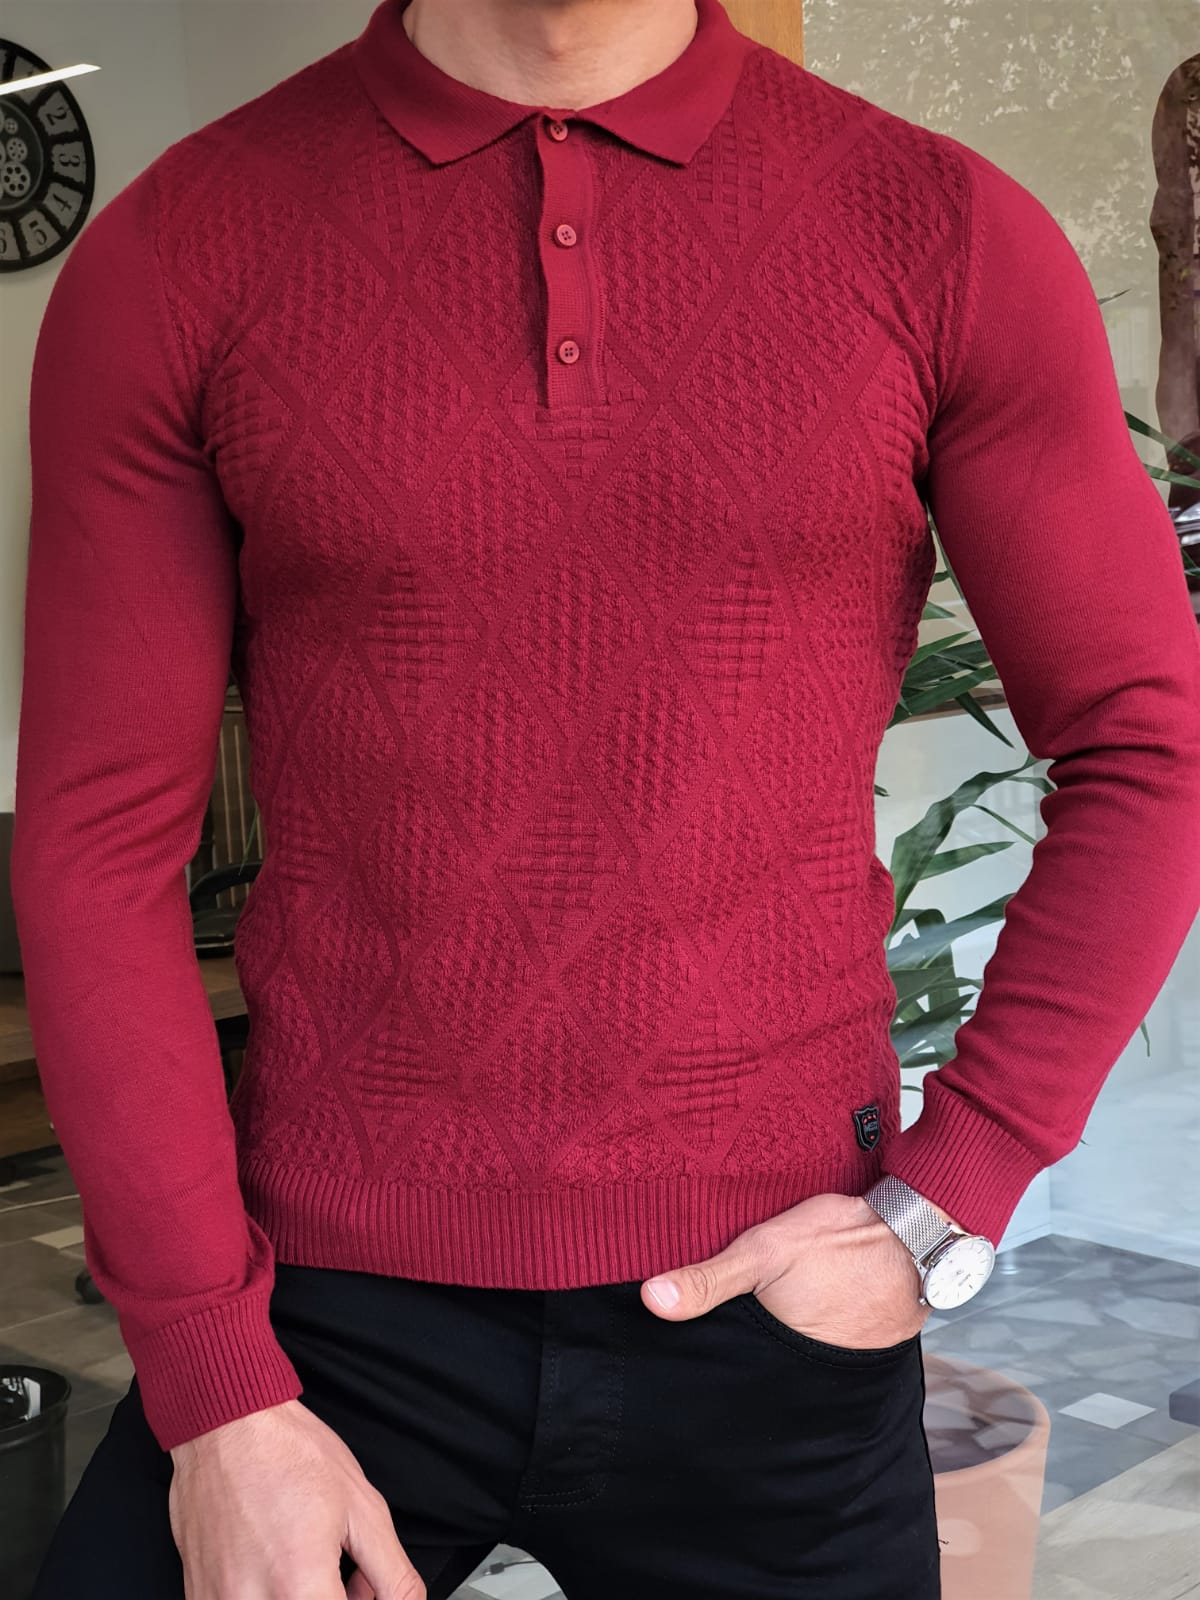 Aysoti Maglan Claret Red Slim Fit Collar Sweater